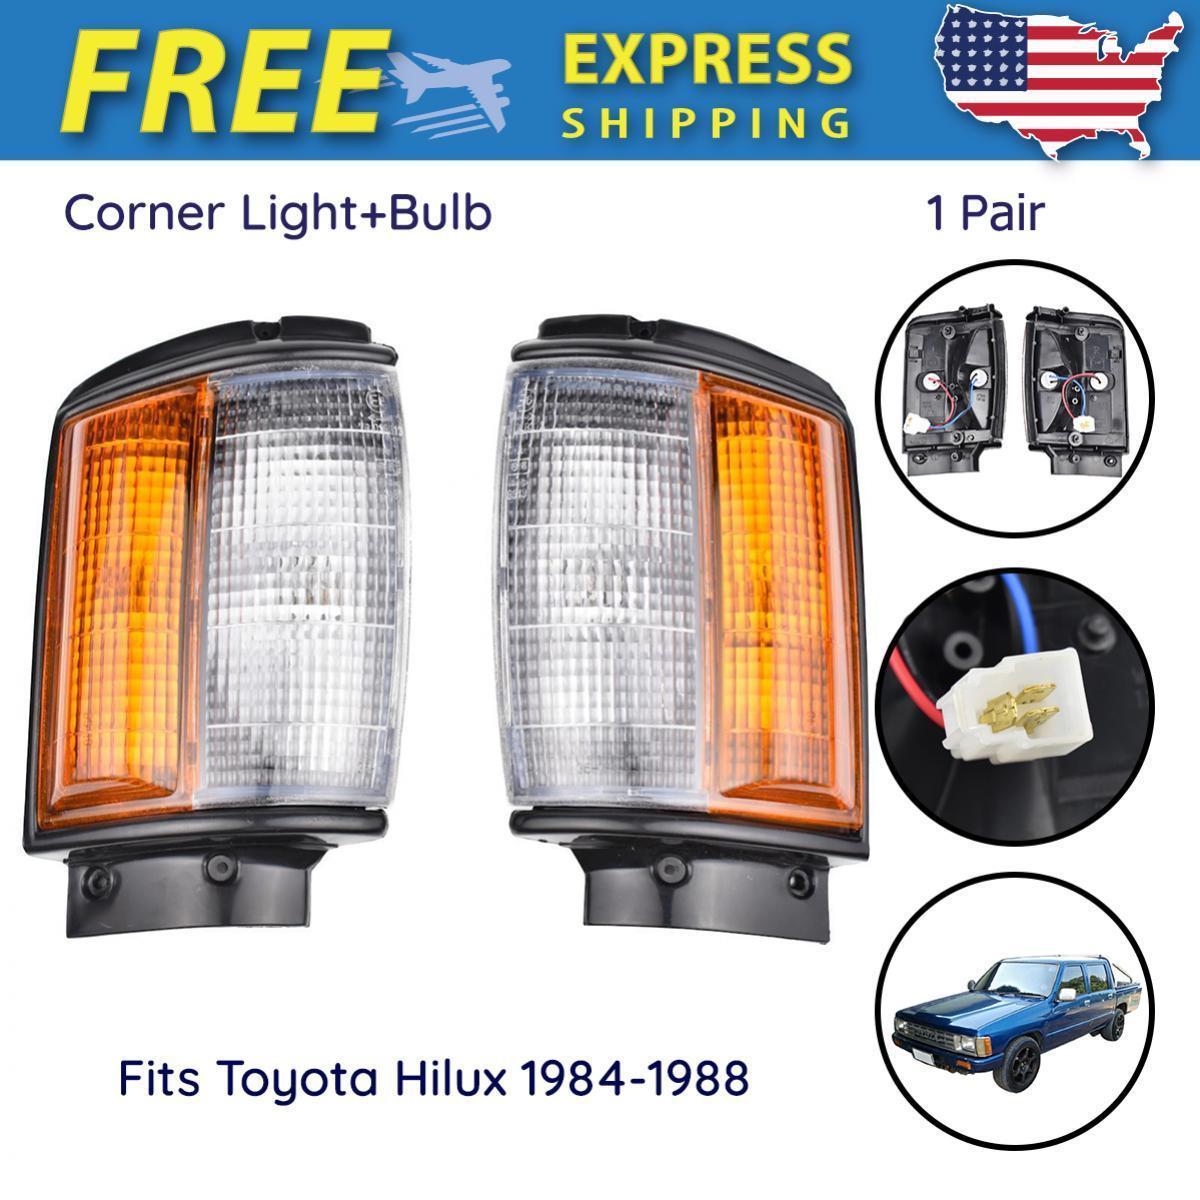 コーナーライト Pair Corner Lights Turn Lamp +Bulb Fits Toyota Hilux Utility Pickup 1984-1988 ペアコーナーライトターンランプ+バルブフィットトヨタHiluxユーティリティピックアップ1984-1988